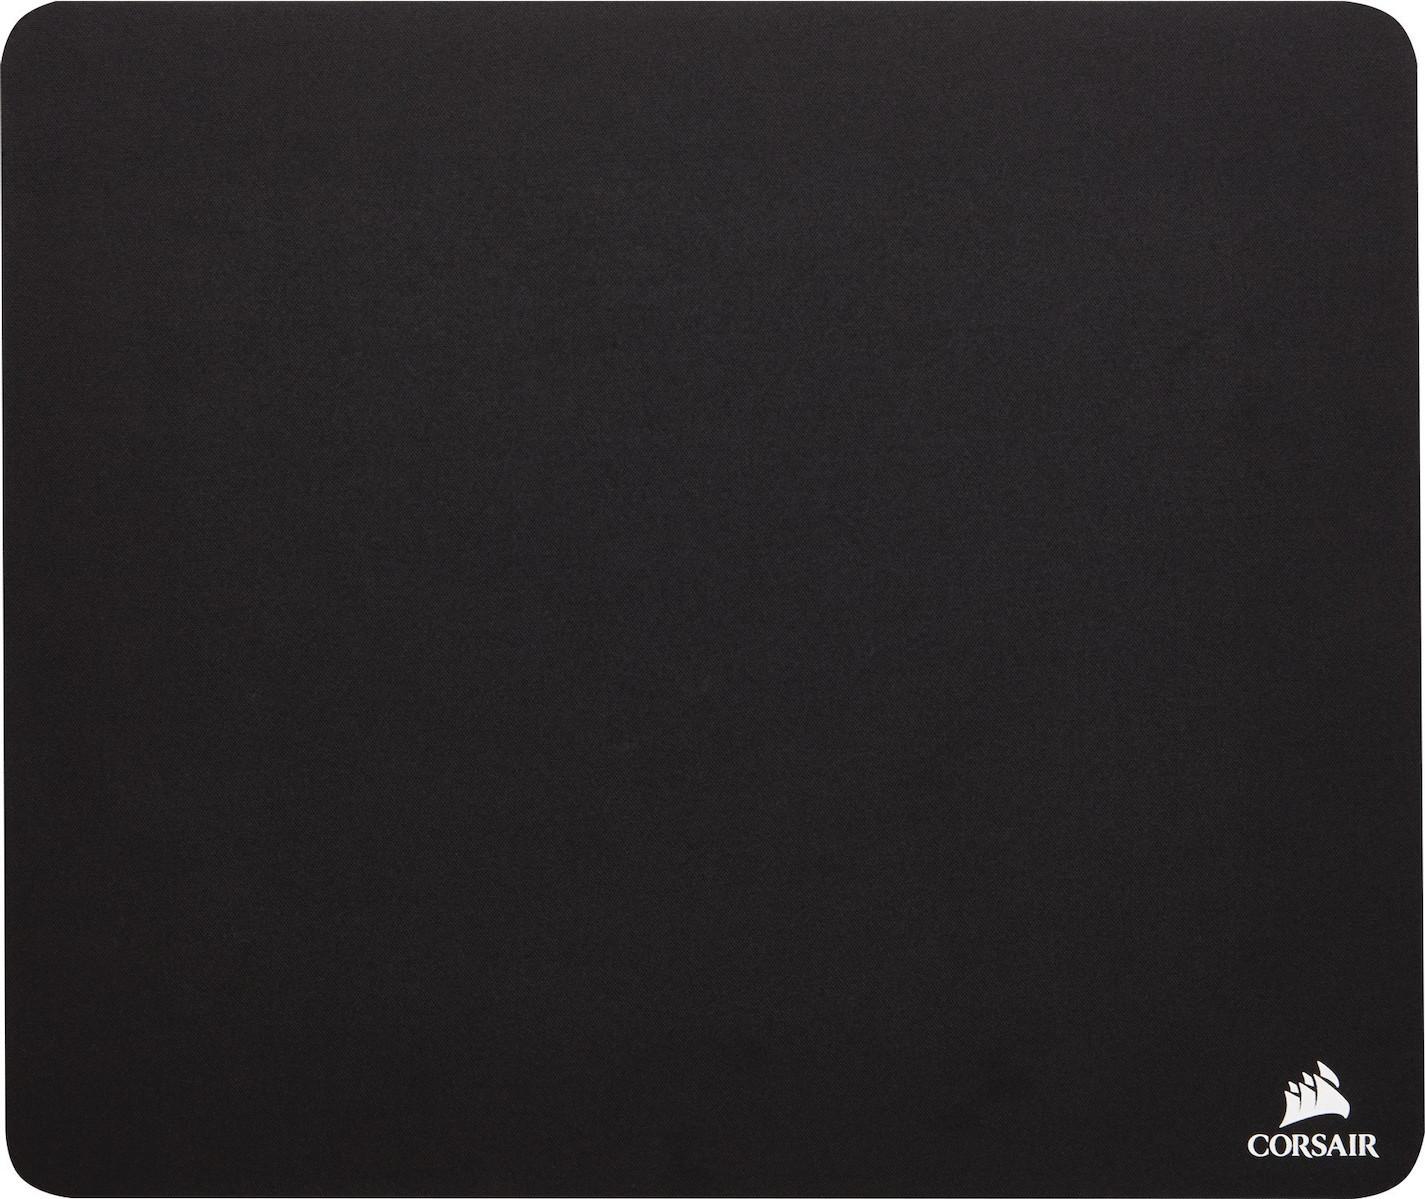 Corsair MM100 Cloth CH-9100020-EU